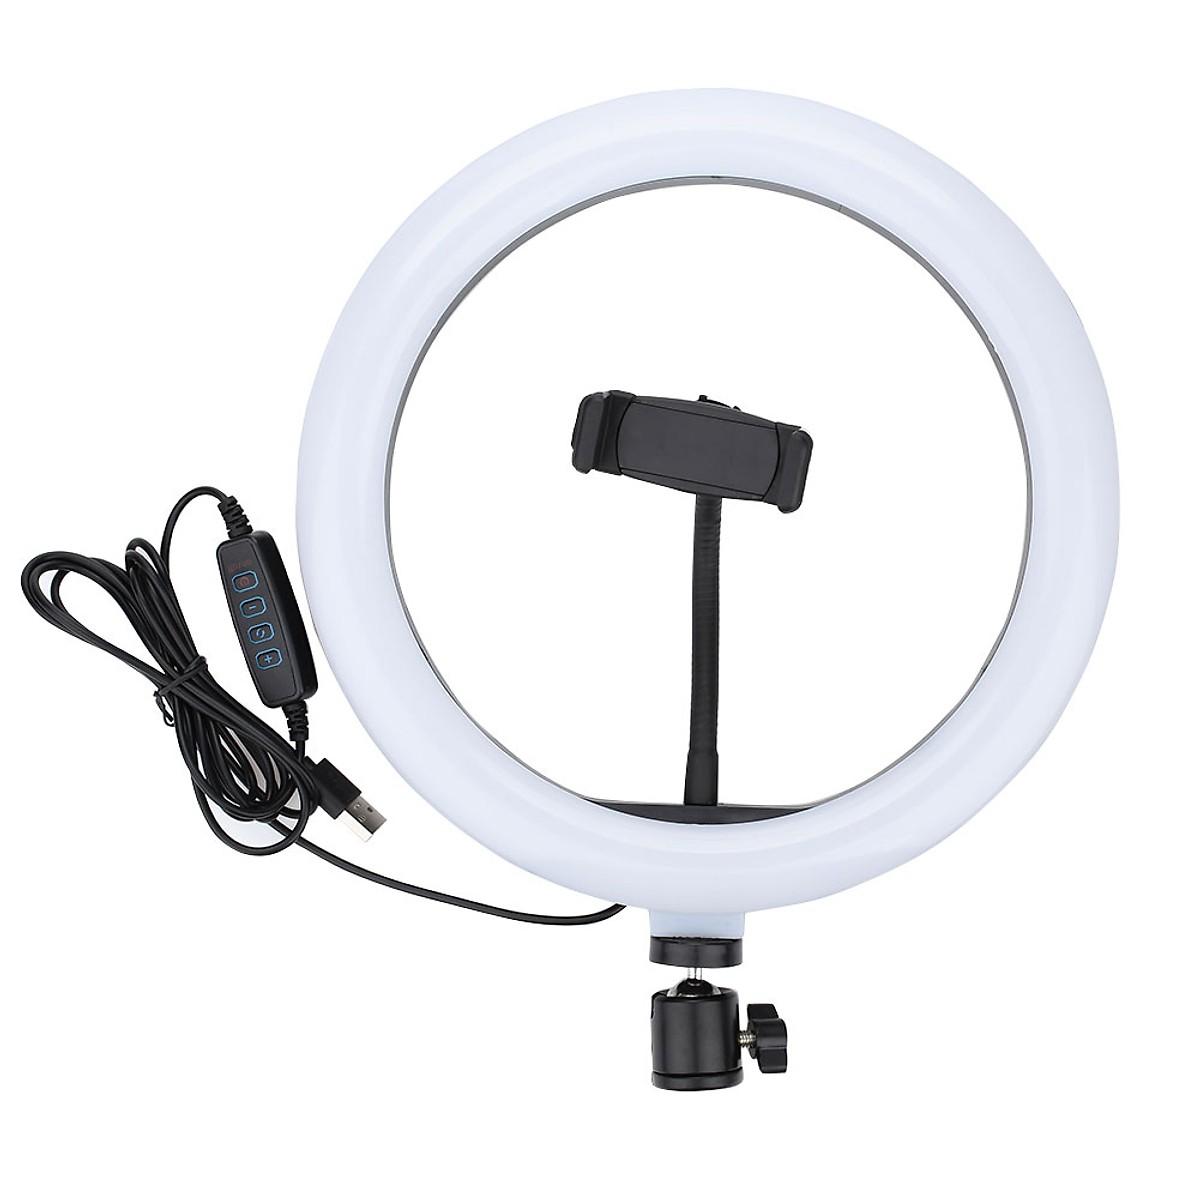 Đèn led Livestream 33cm Ring Light + Tripod+ Đầu kẹp